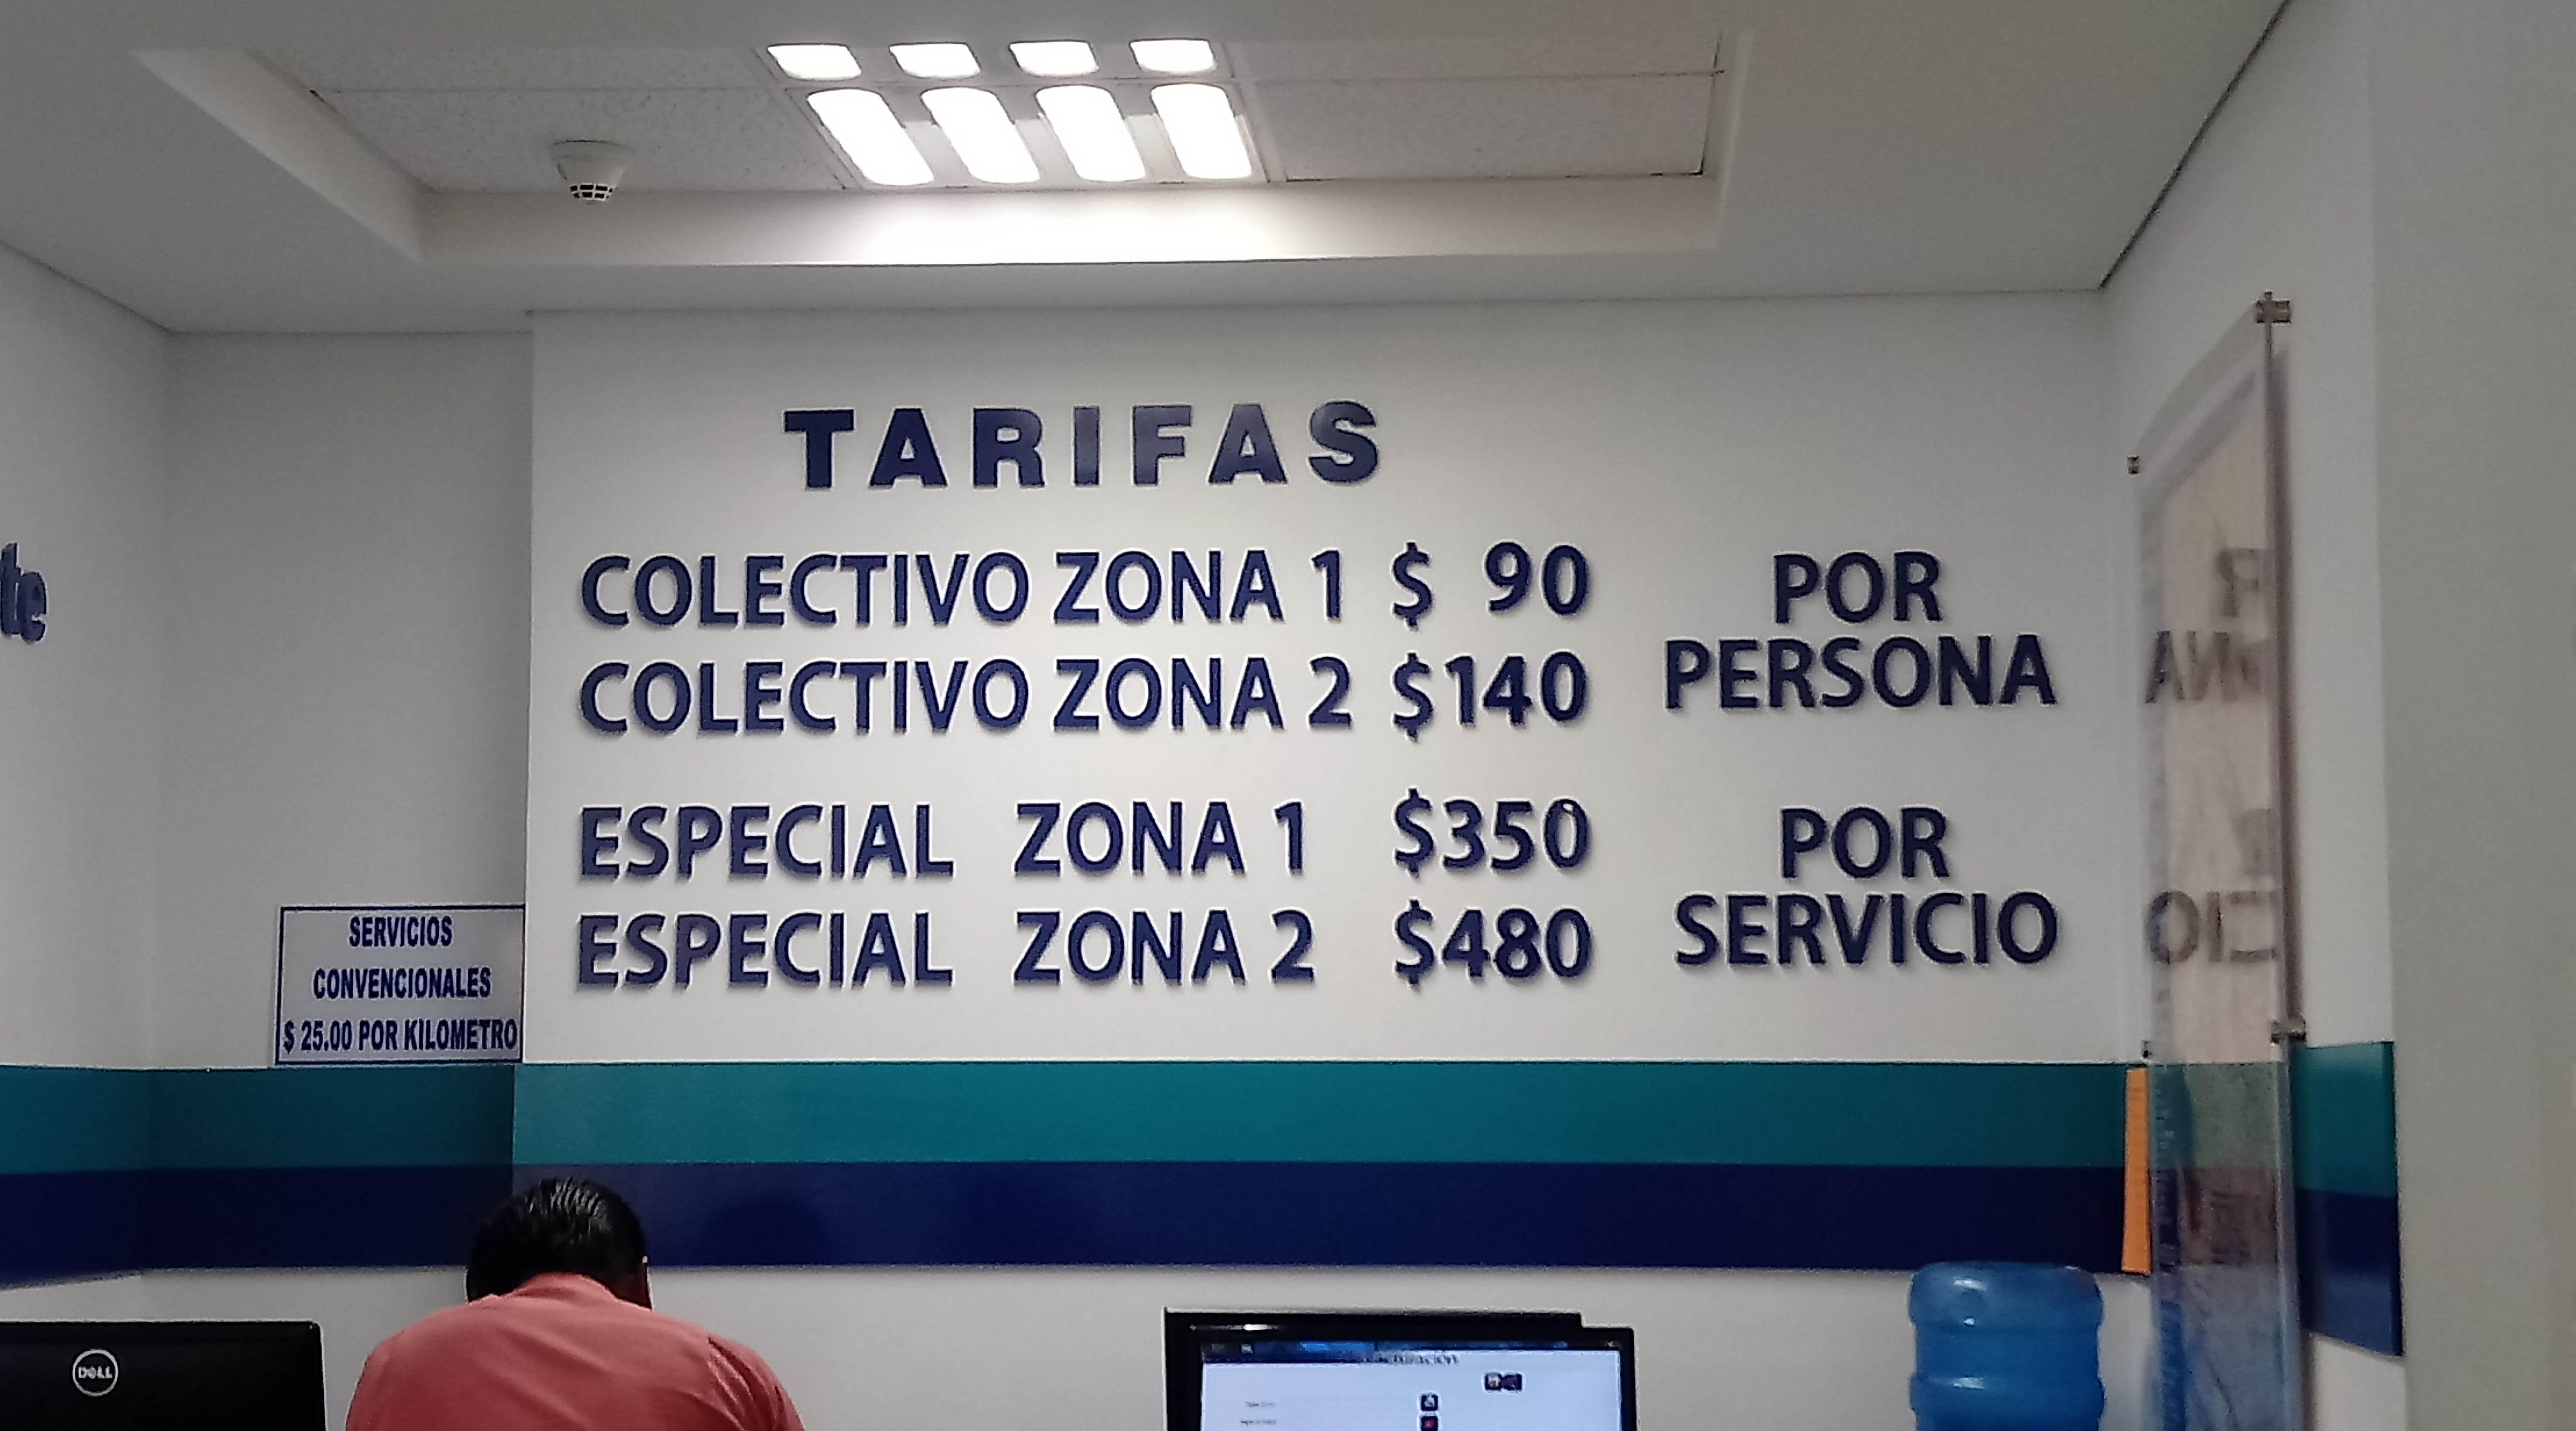 Está monopolizado el servicio de taxis en el aeropuerto de Oaxaca | El Imparcial de Oaxaca